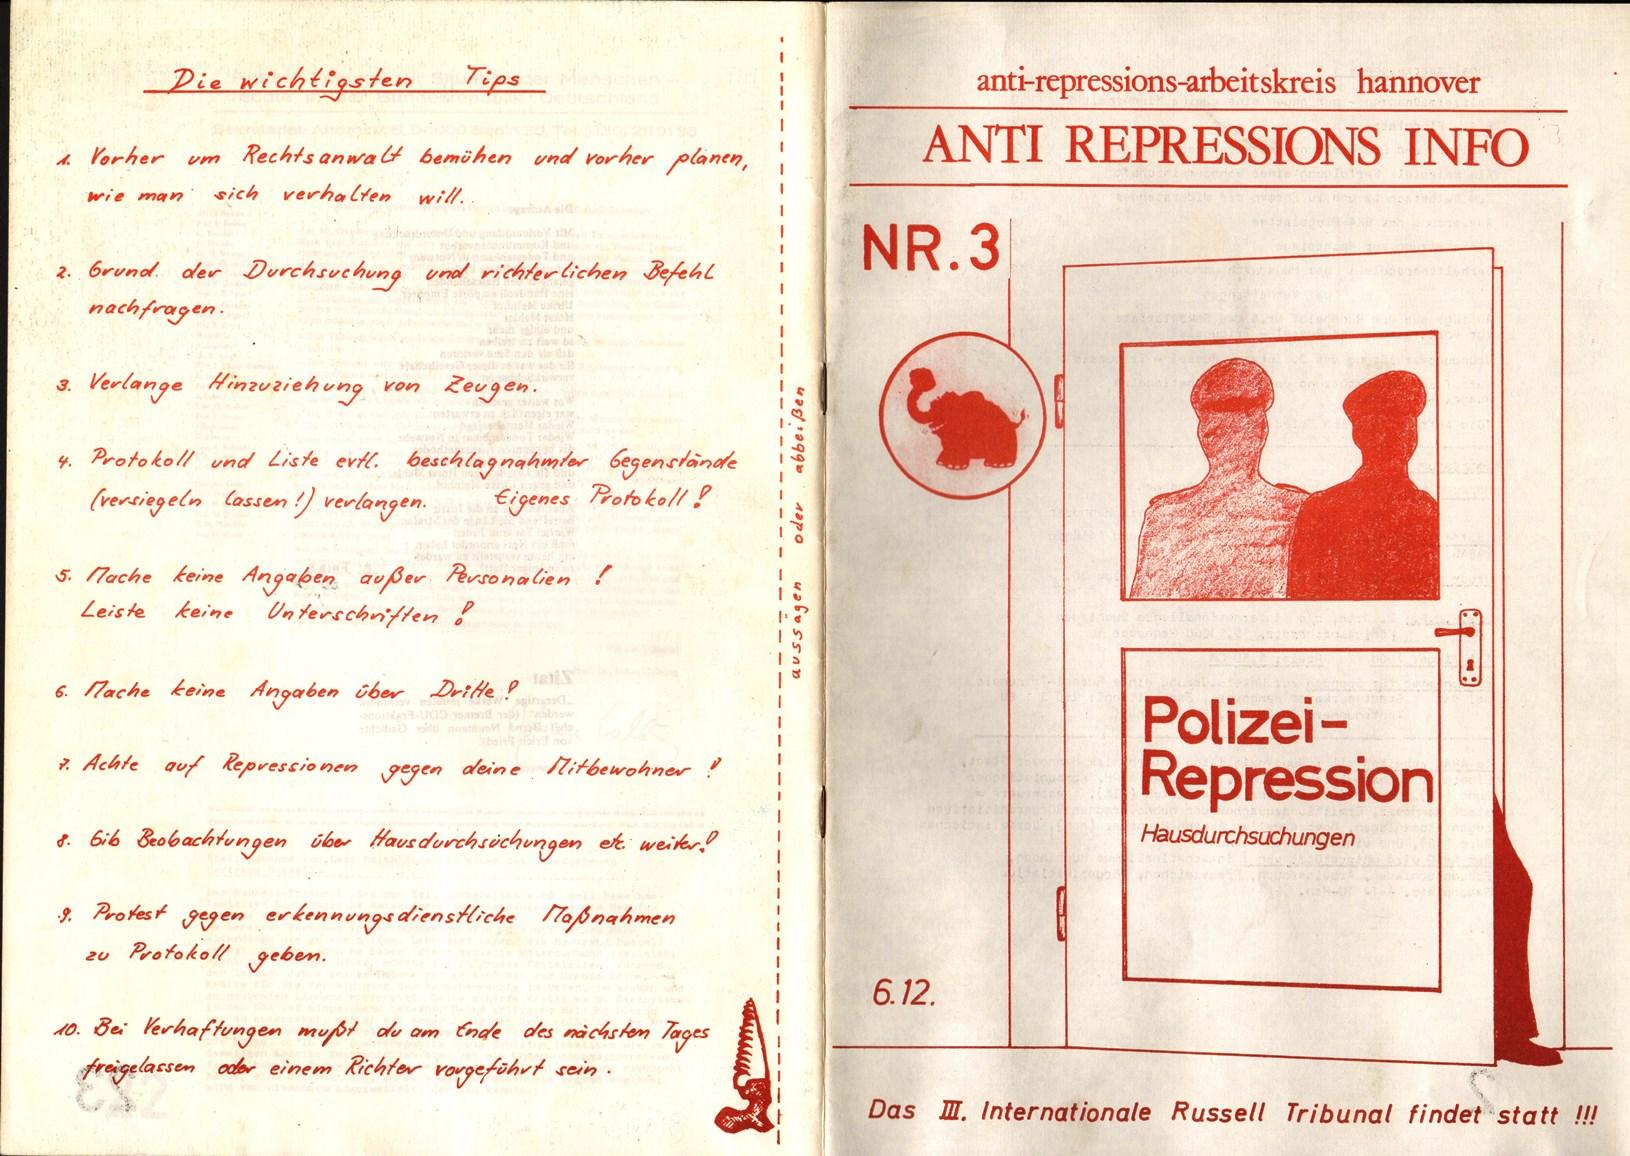 Hannover_Anti_Repressions_Info_03_1977_01